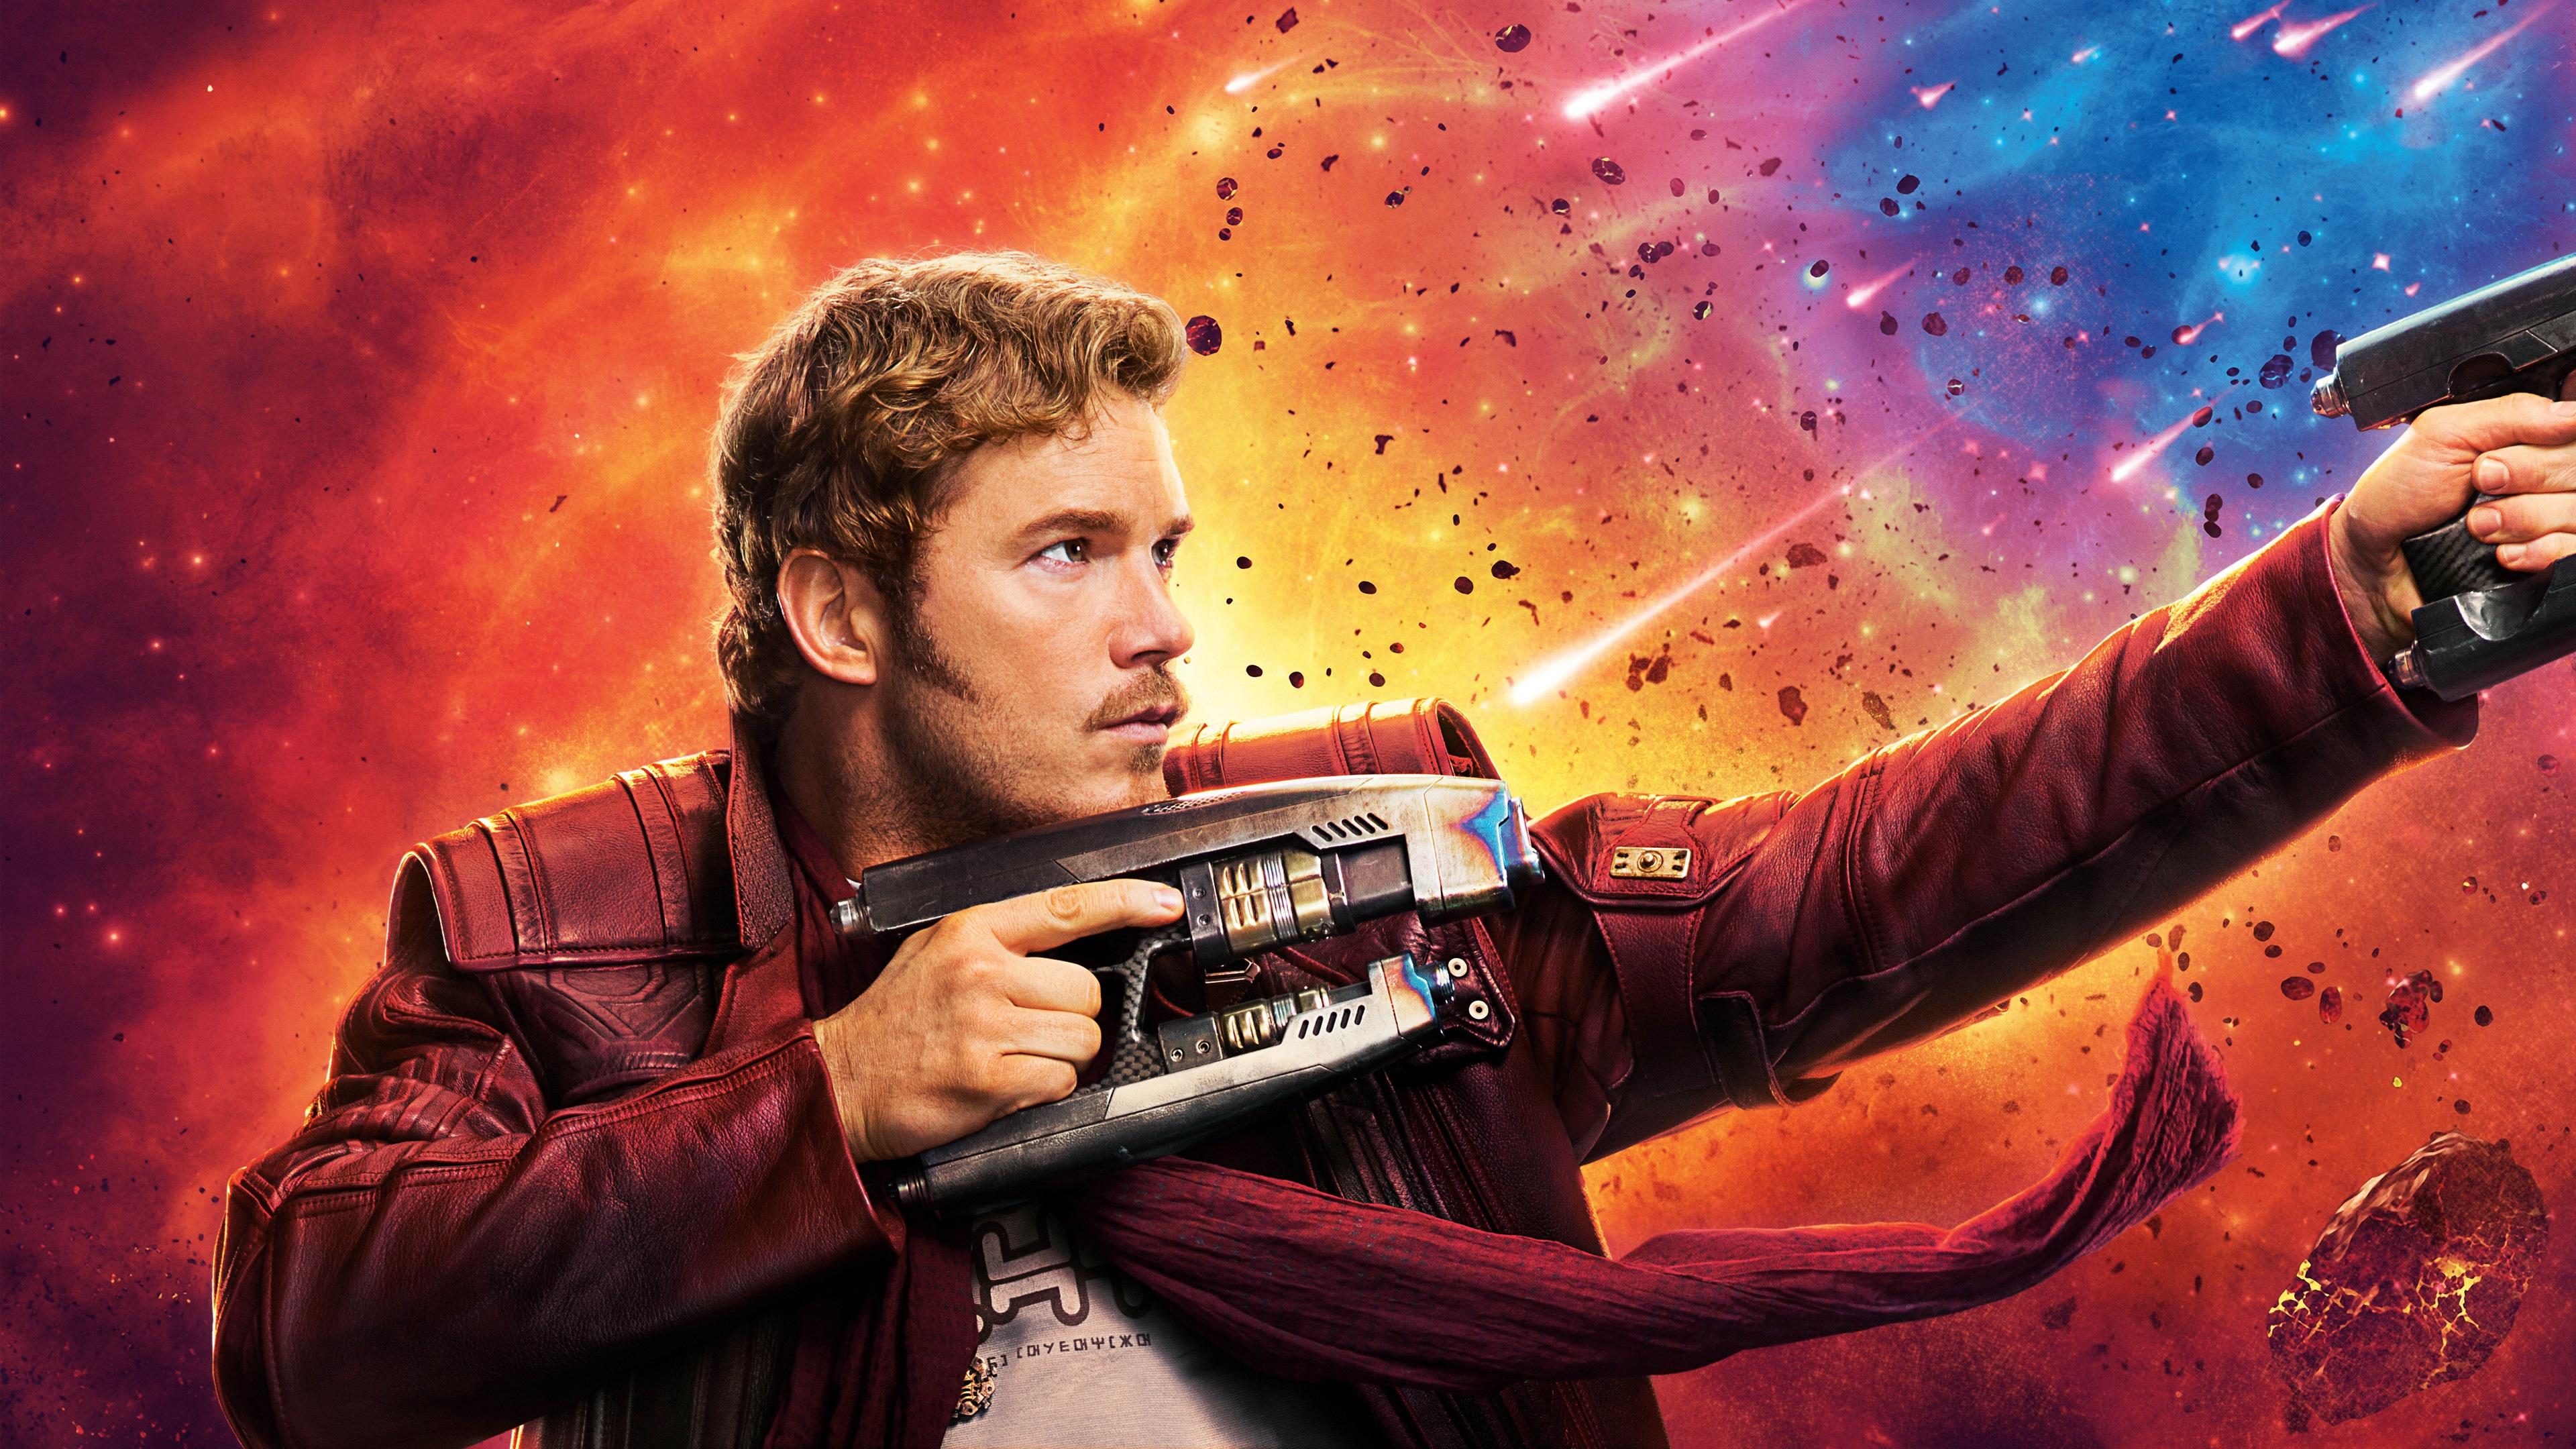 Fondos De Pantalla Chris Pratt Guardianes De La Galaxia Vol